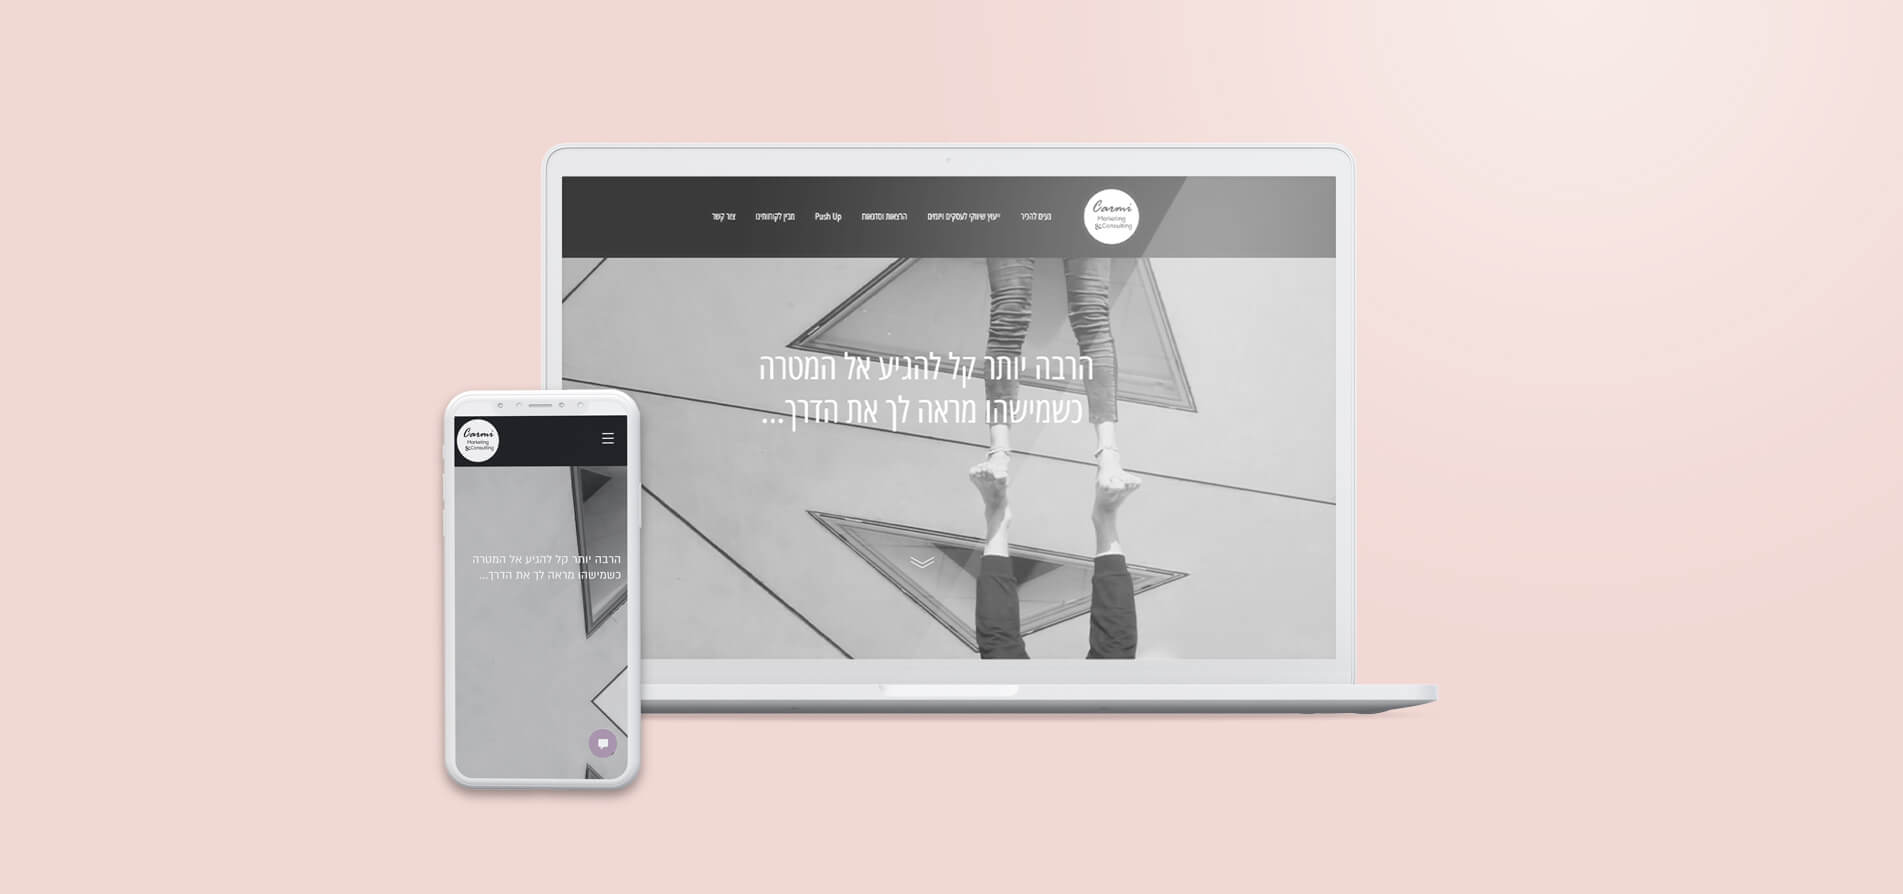 עיצוב ובניית אתר תדמית רספונסיבי Carmi Marketing ליווי עסקים דנה כרמי